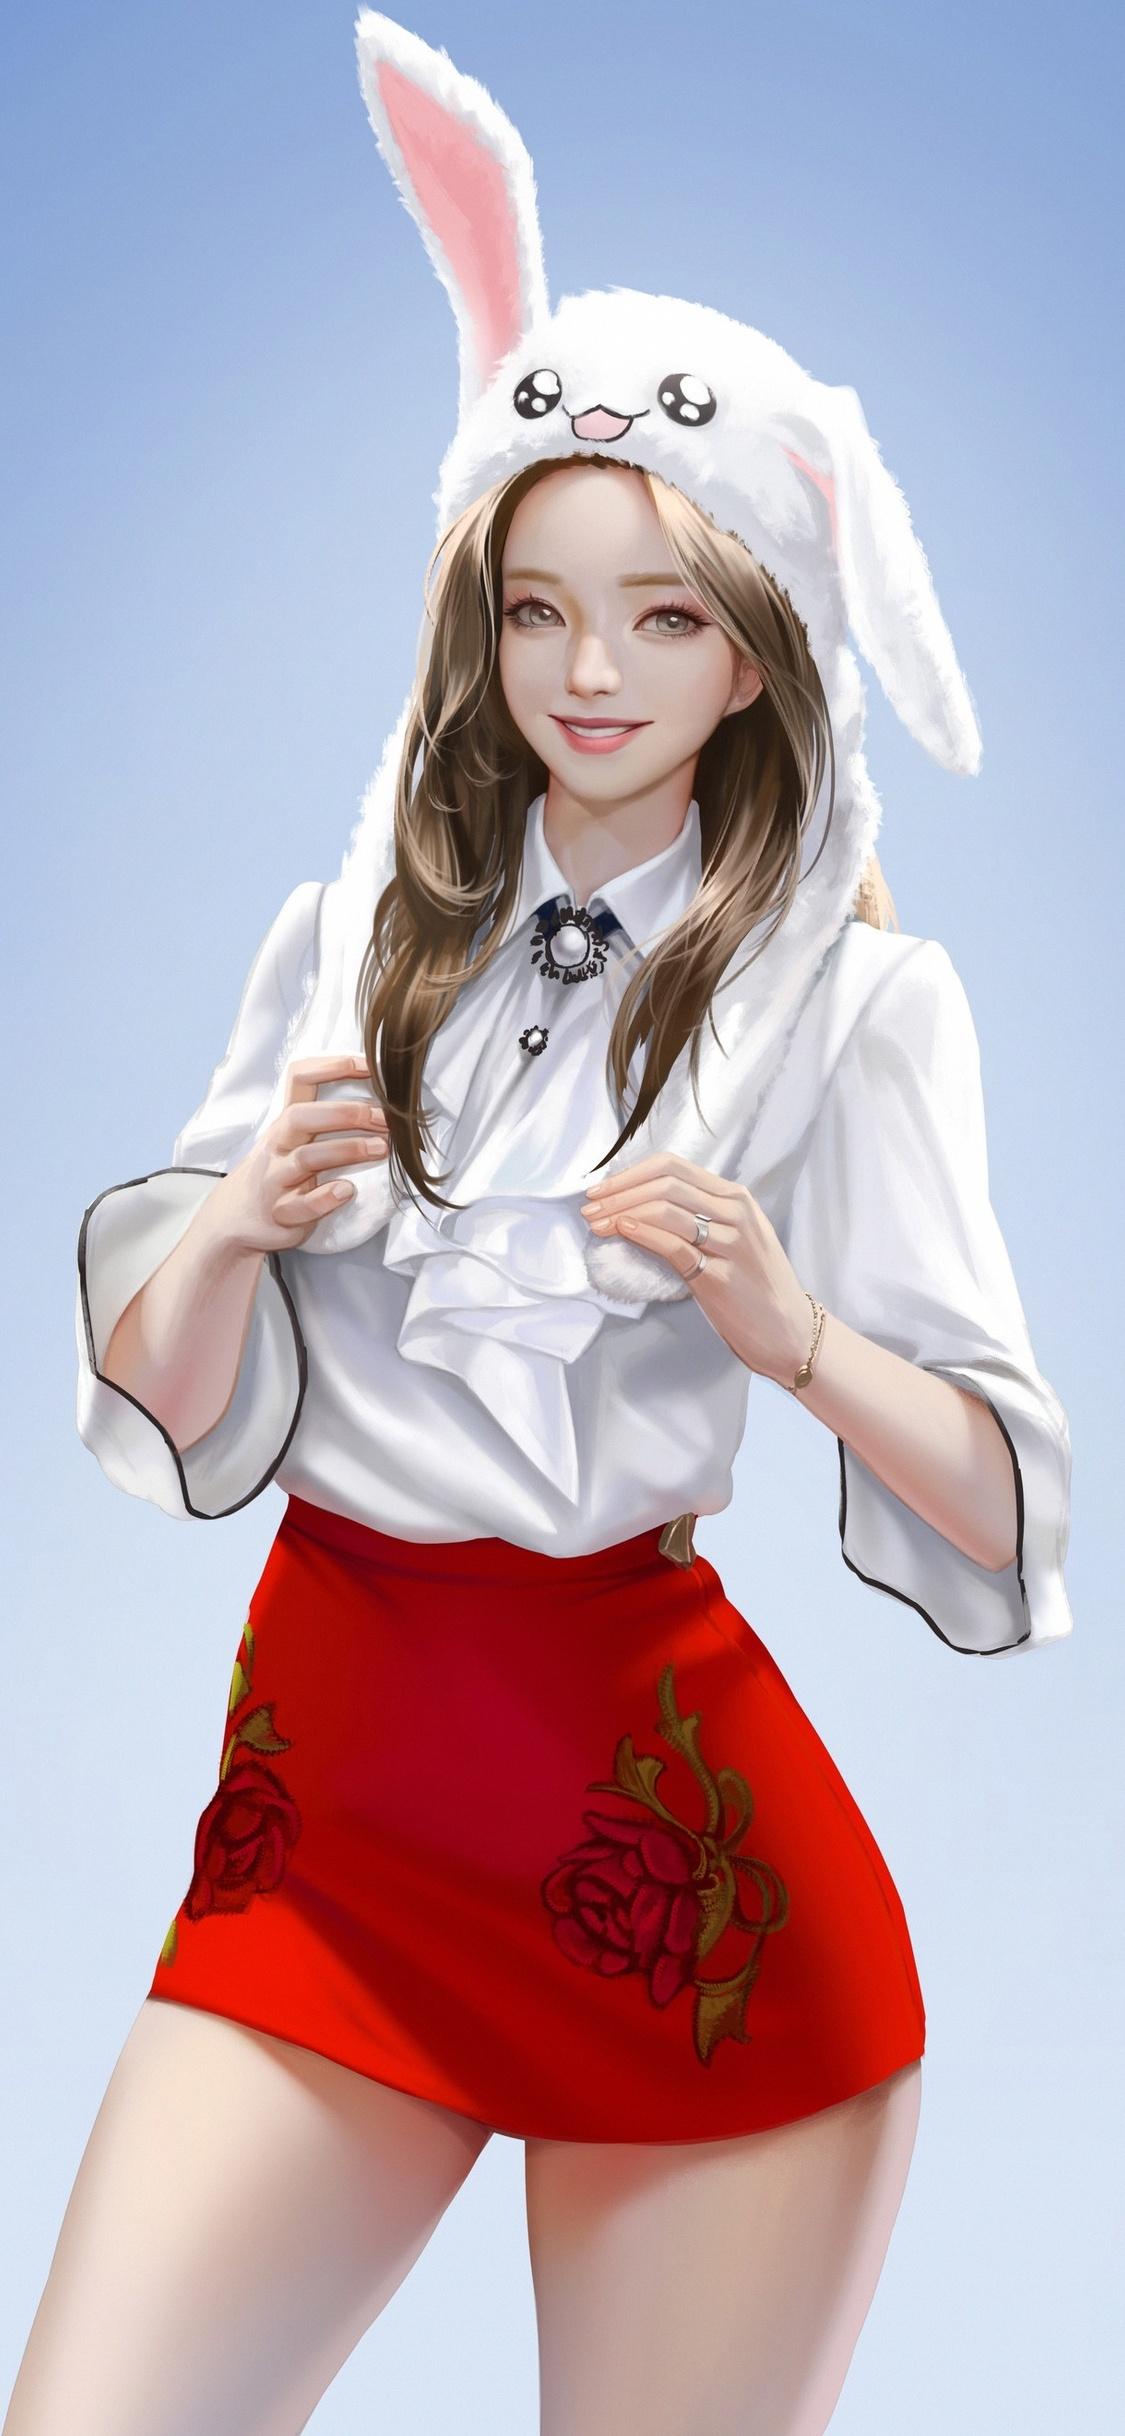 1125x2436 Reisen Udongein Inaba Anime Girl 4k Iphone XS